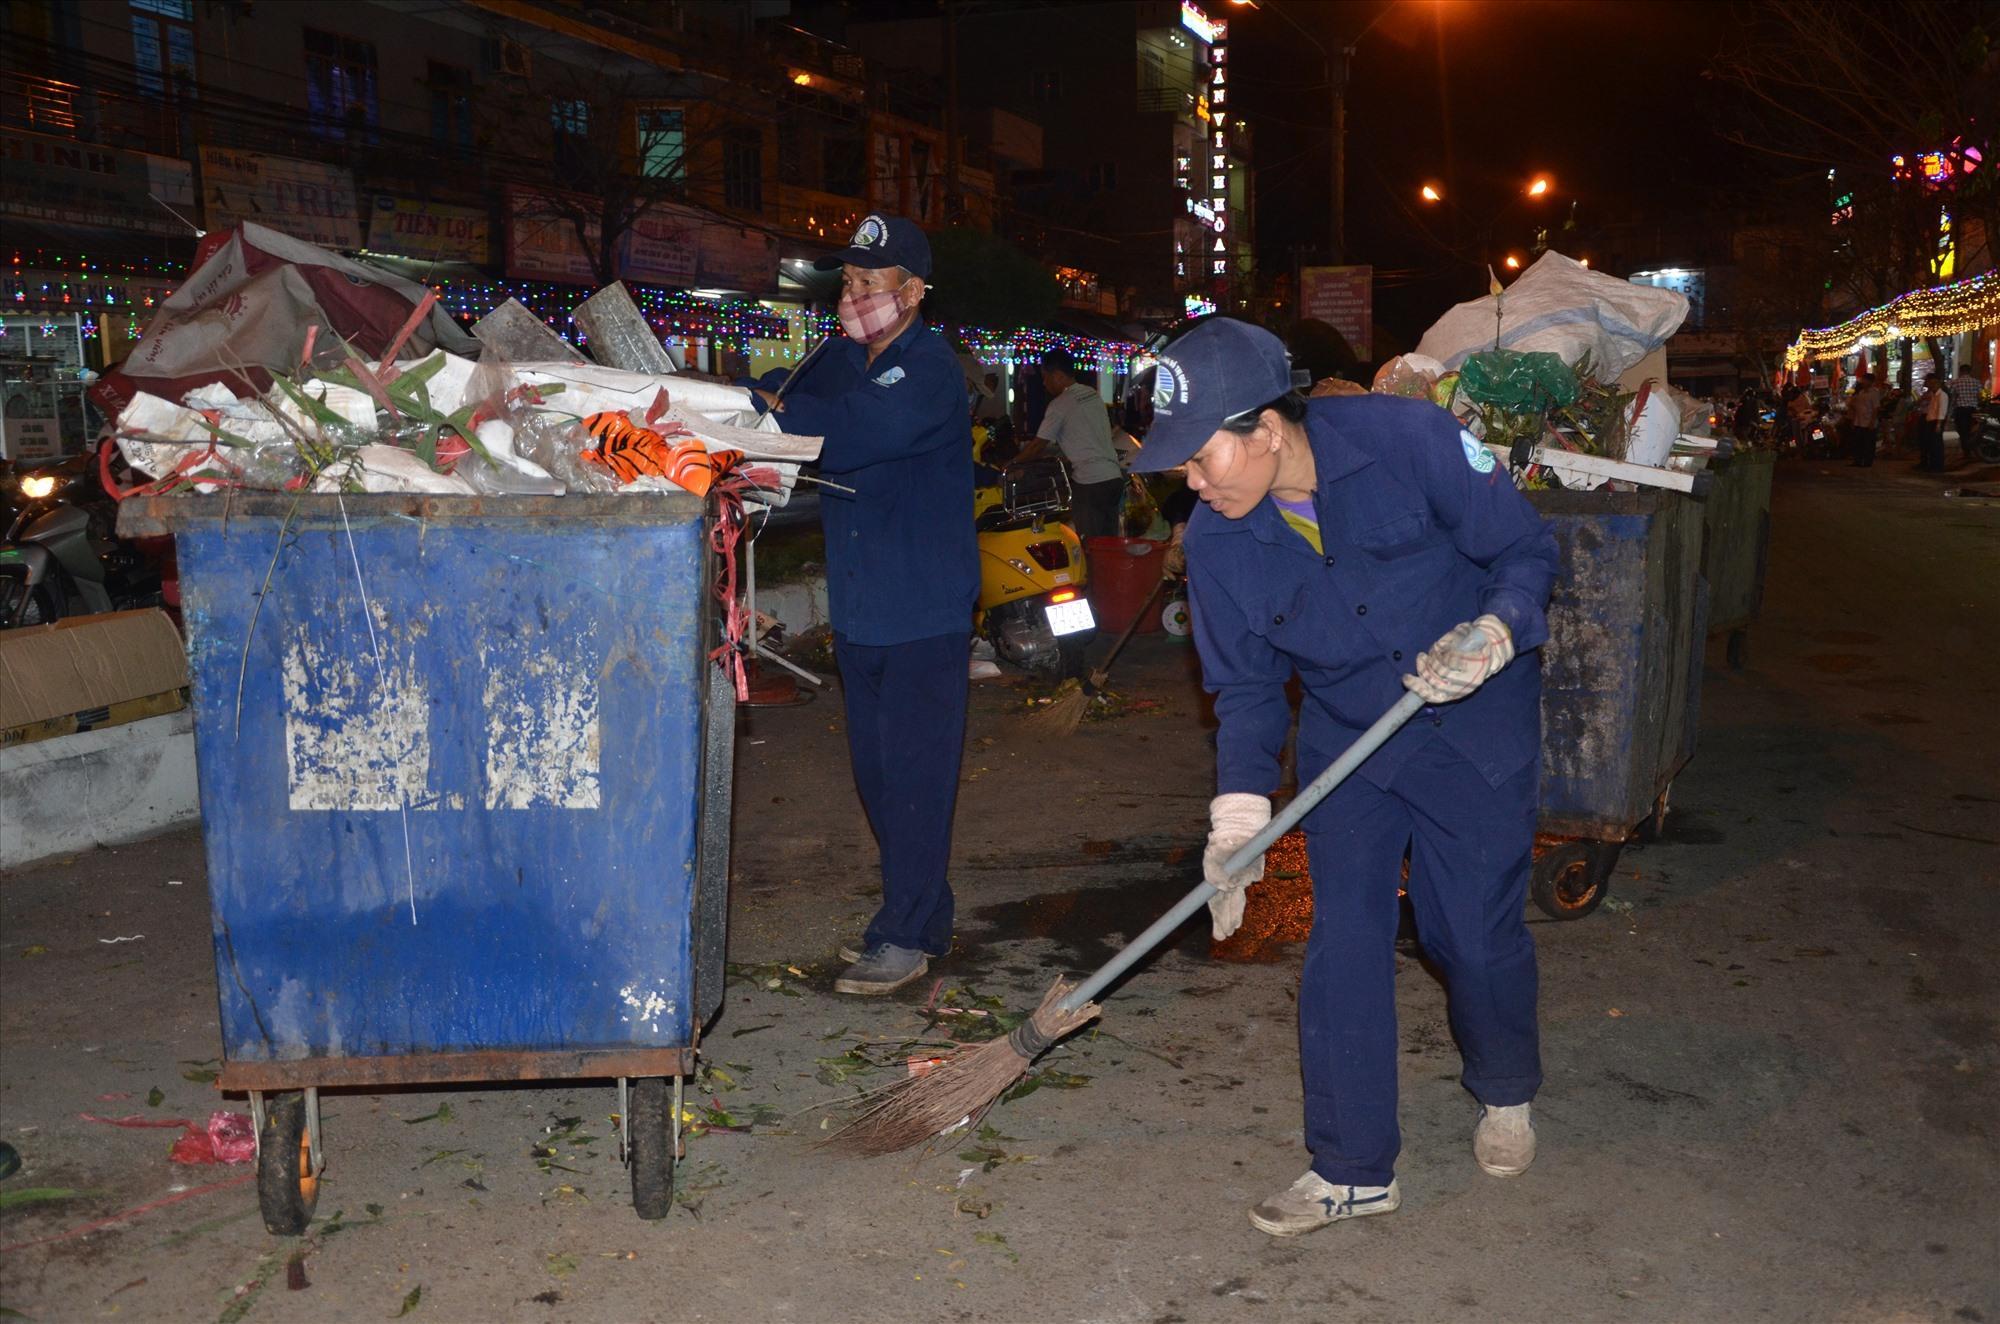 Công nhân môi trường lặng lẽ lao động trong đêm giao thừa để cho đường phố sạch đẹp